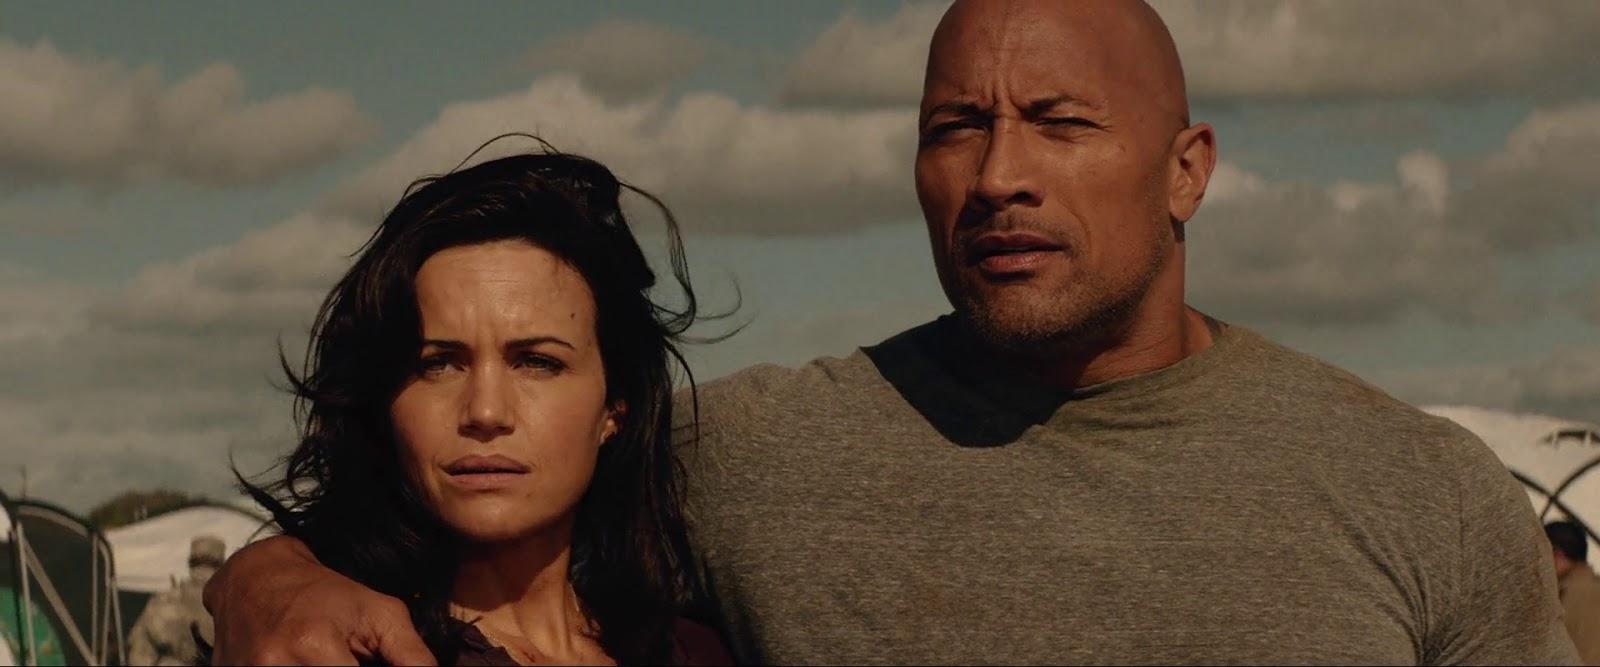 San Andreas (2015) 4